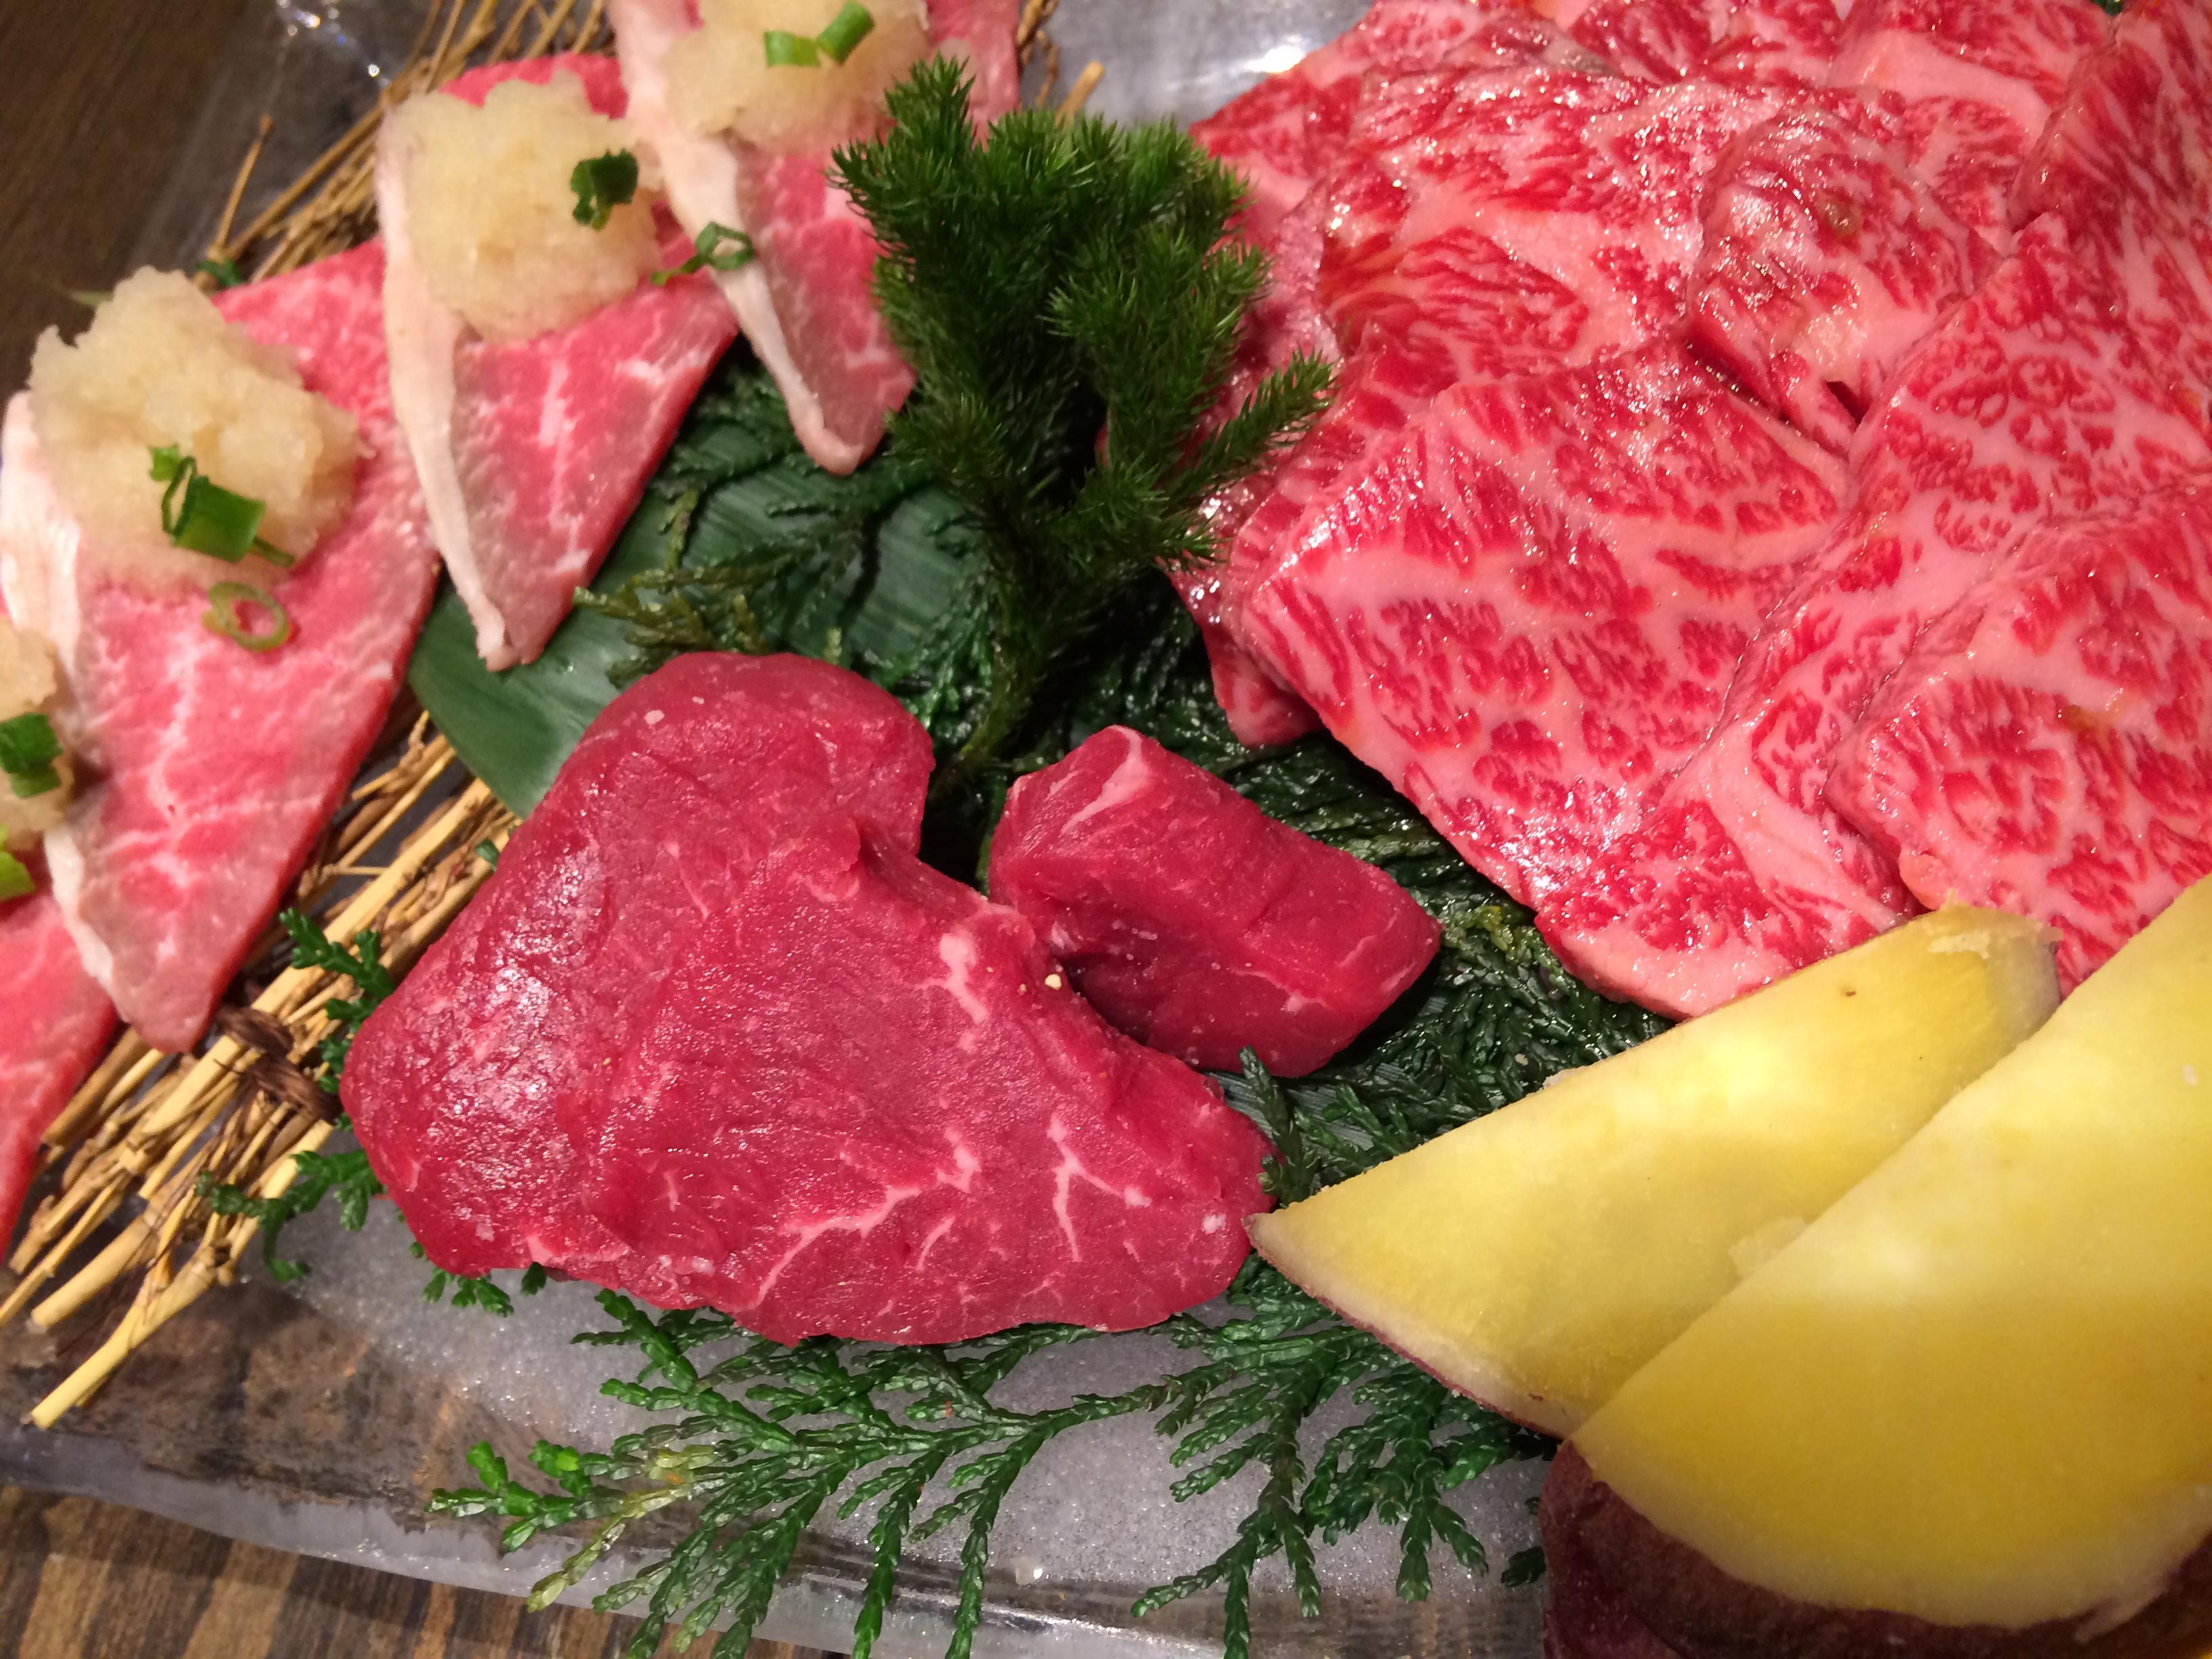 梅田イーマで完全個室でいただける熟成肉の焼肉ランチ「但馬屋」へ!